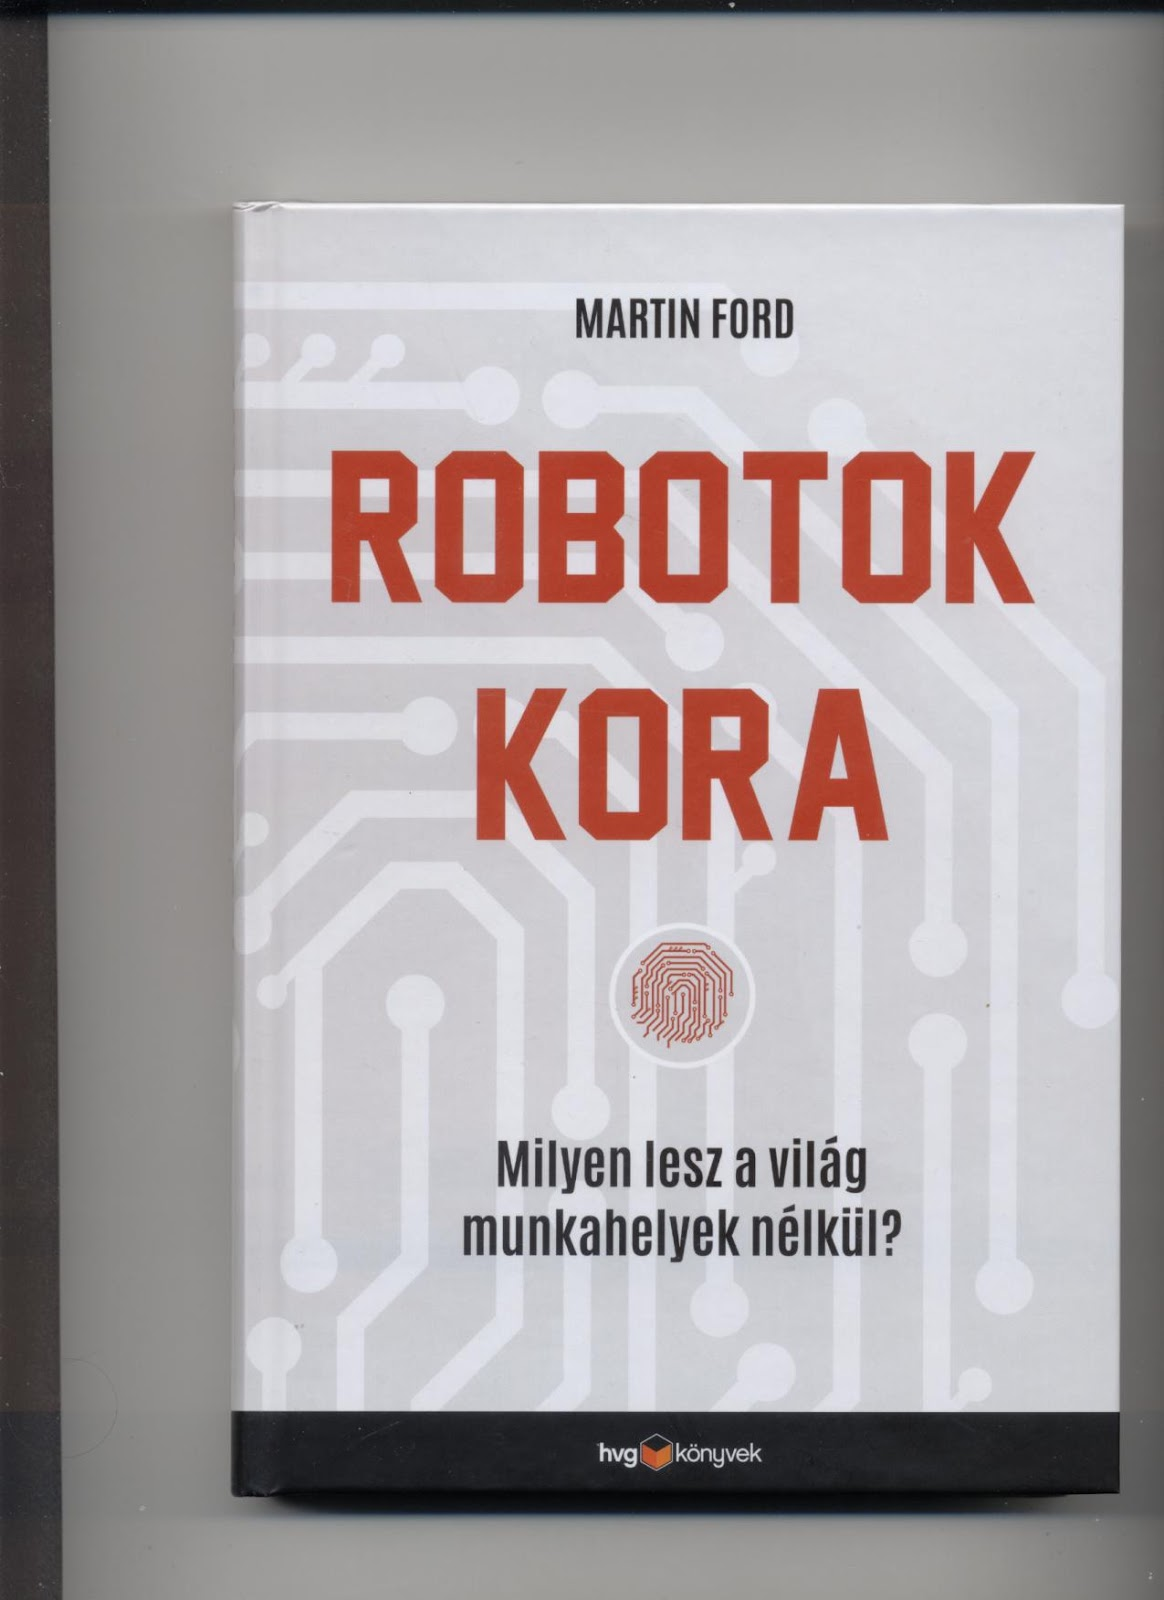 Robotot keresek az interneten és beruházások nélkül